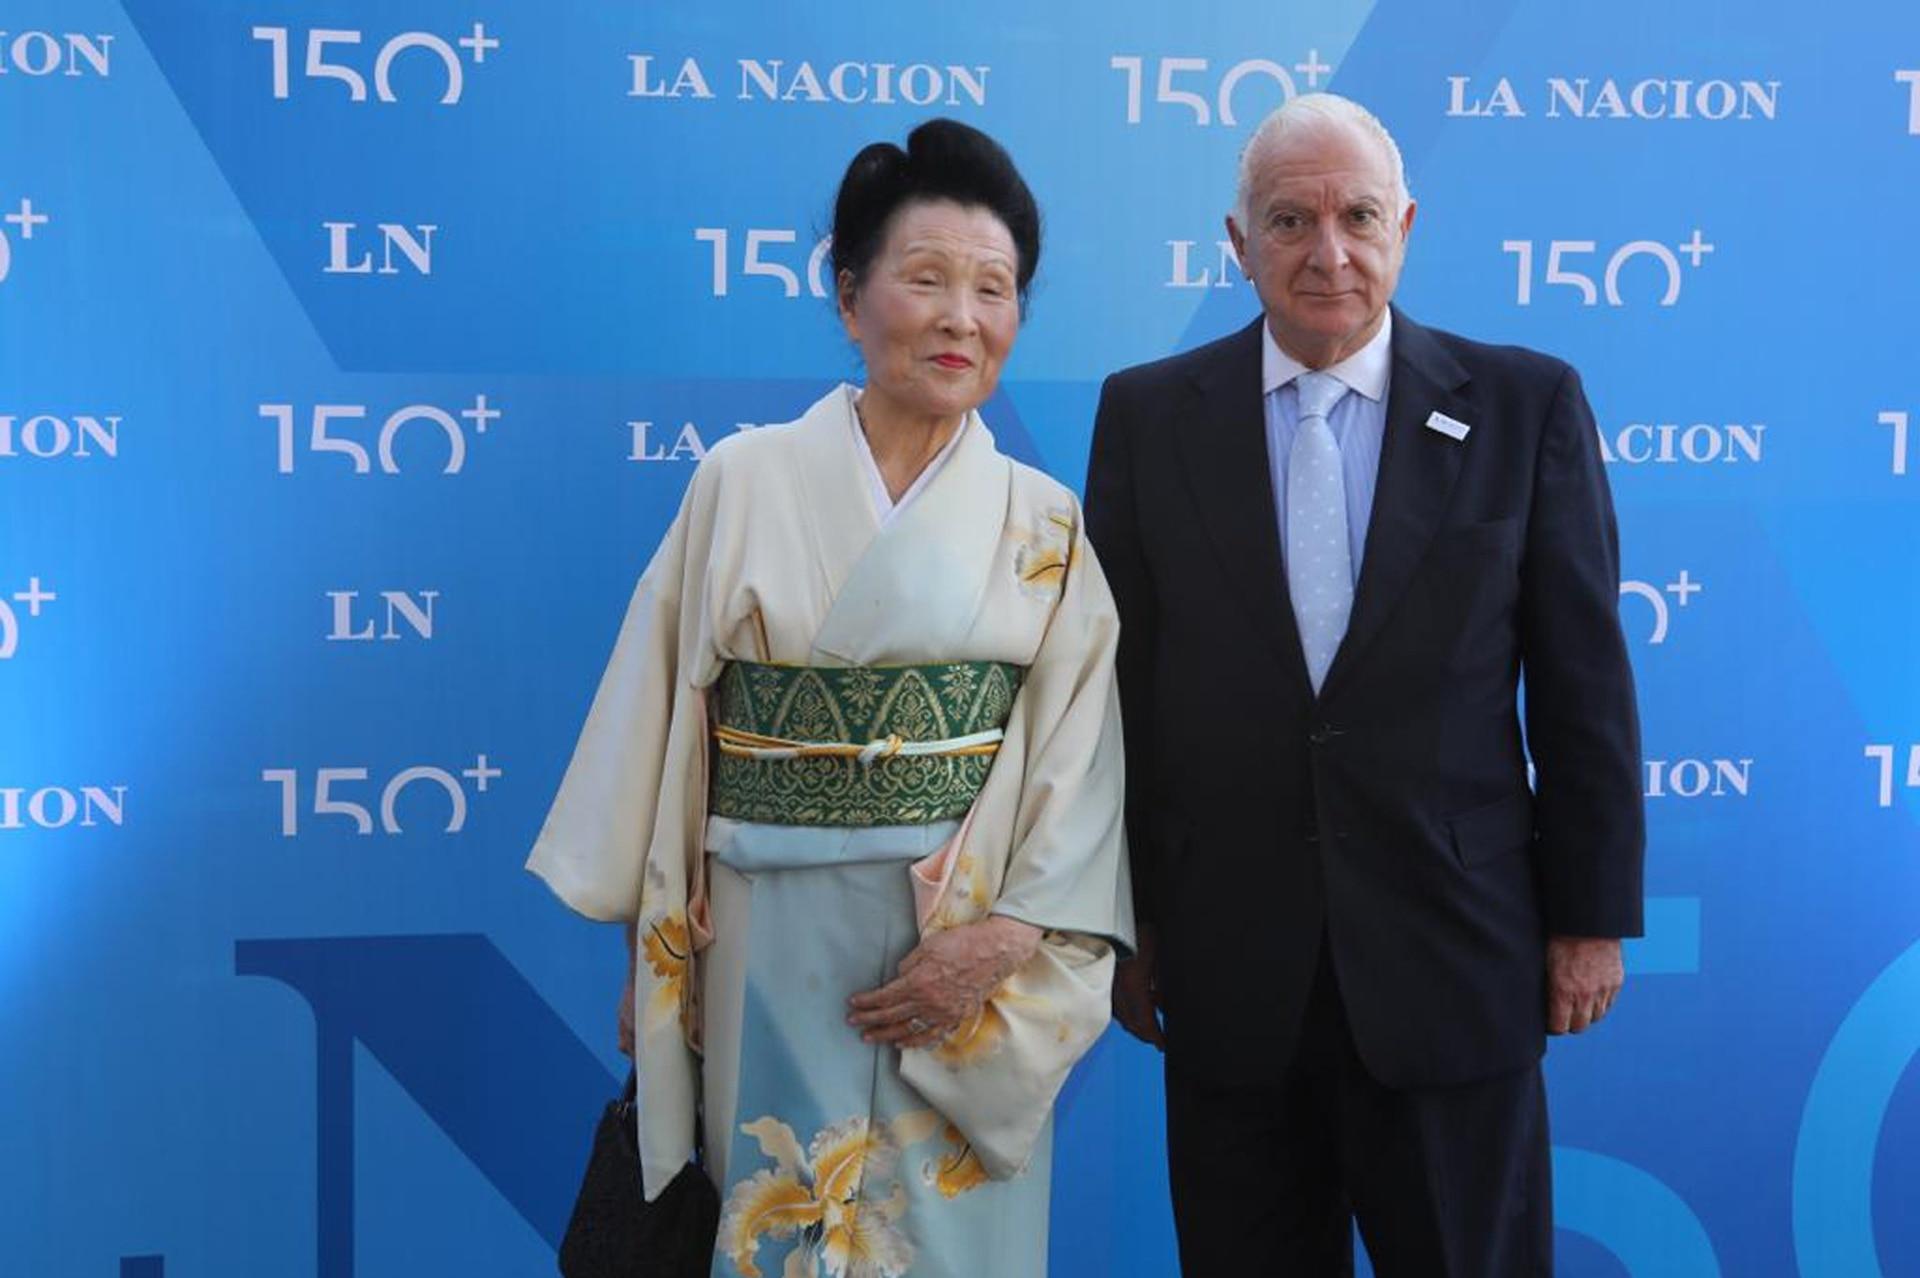 Hiroko Mukoyama junto a Norberto Frigerio, Director de Relaciones Institucionales de LA NACION